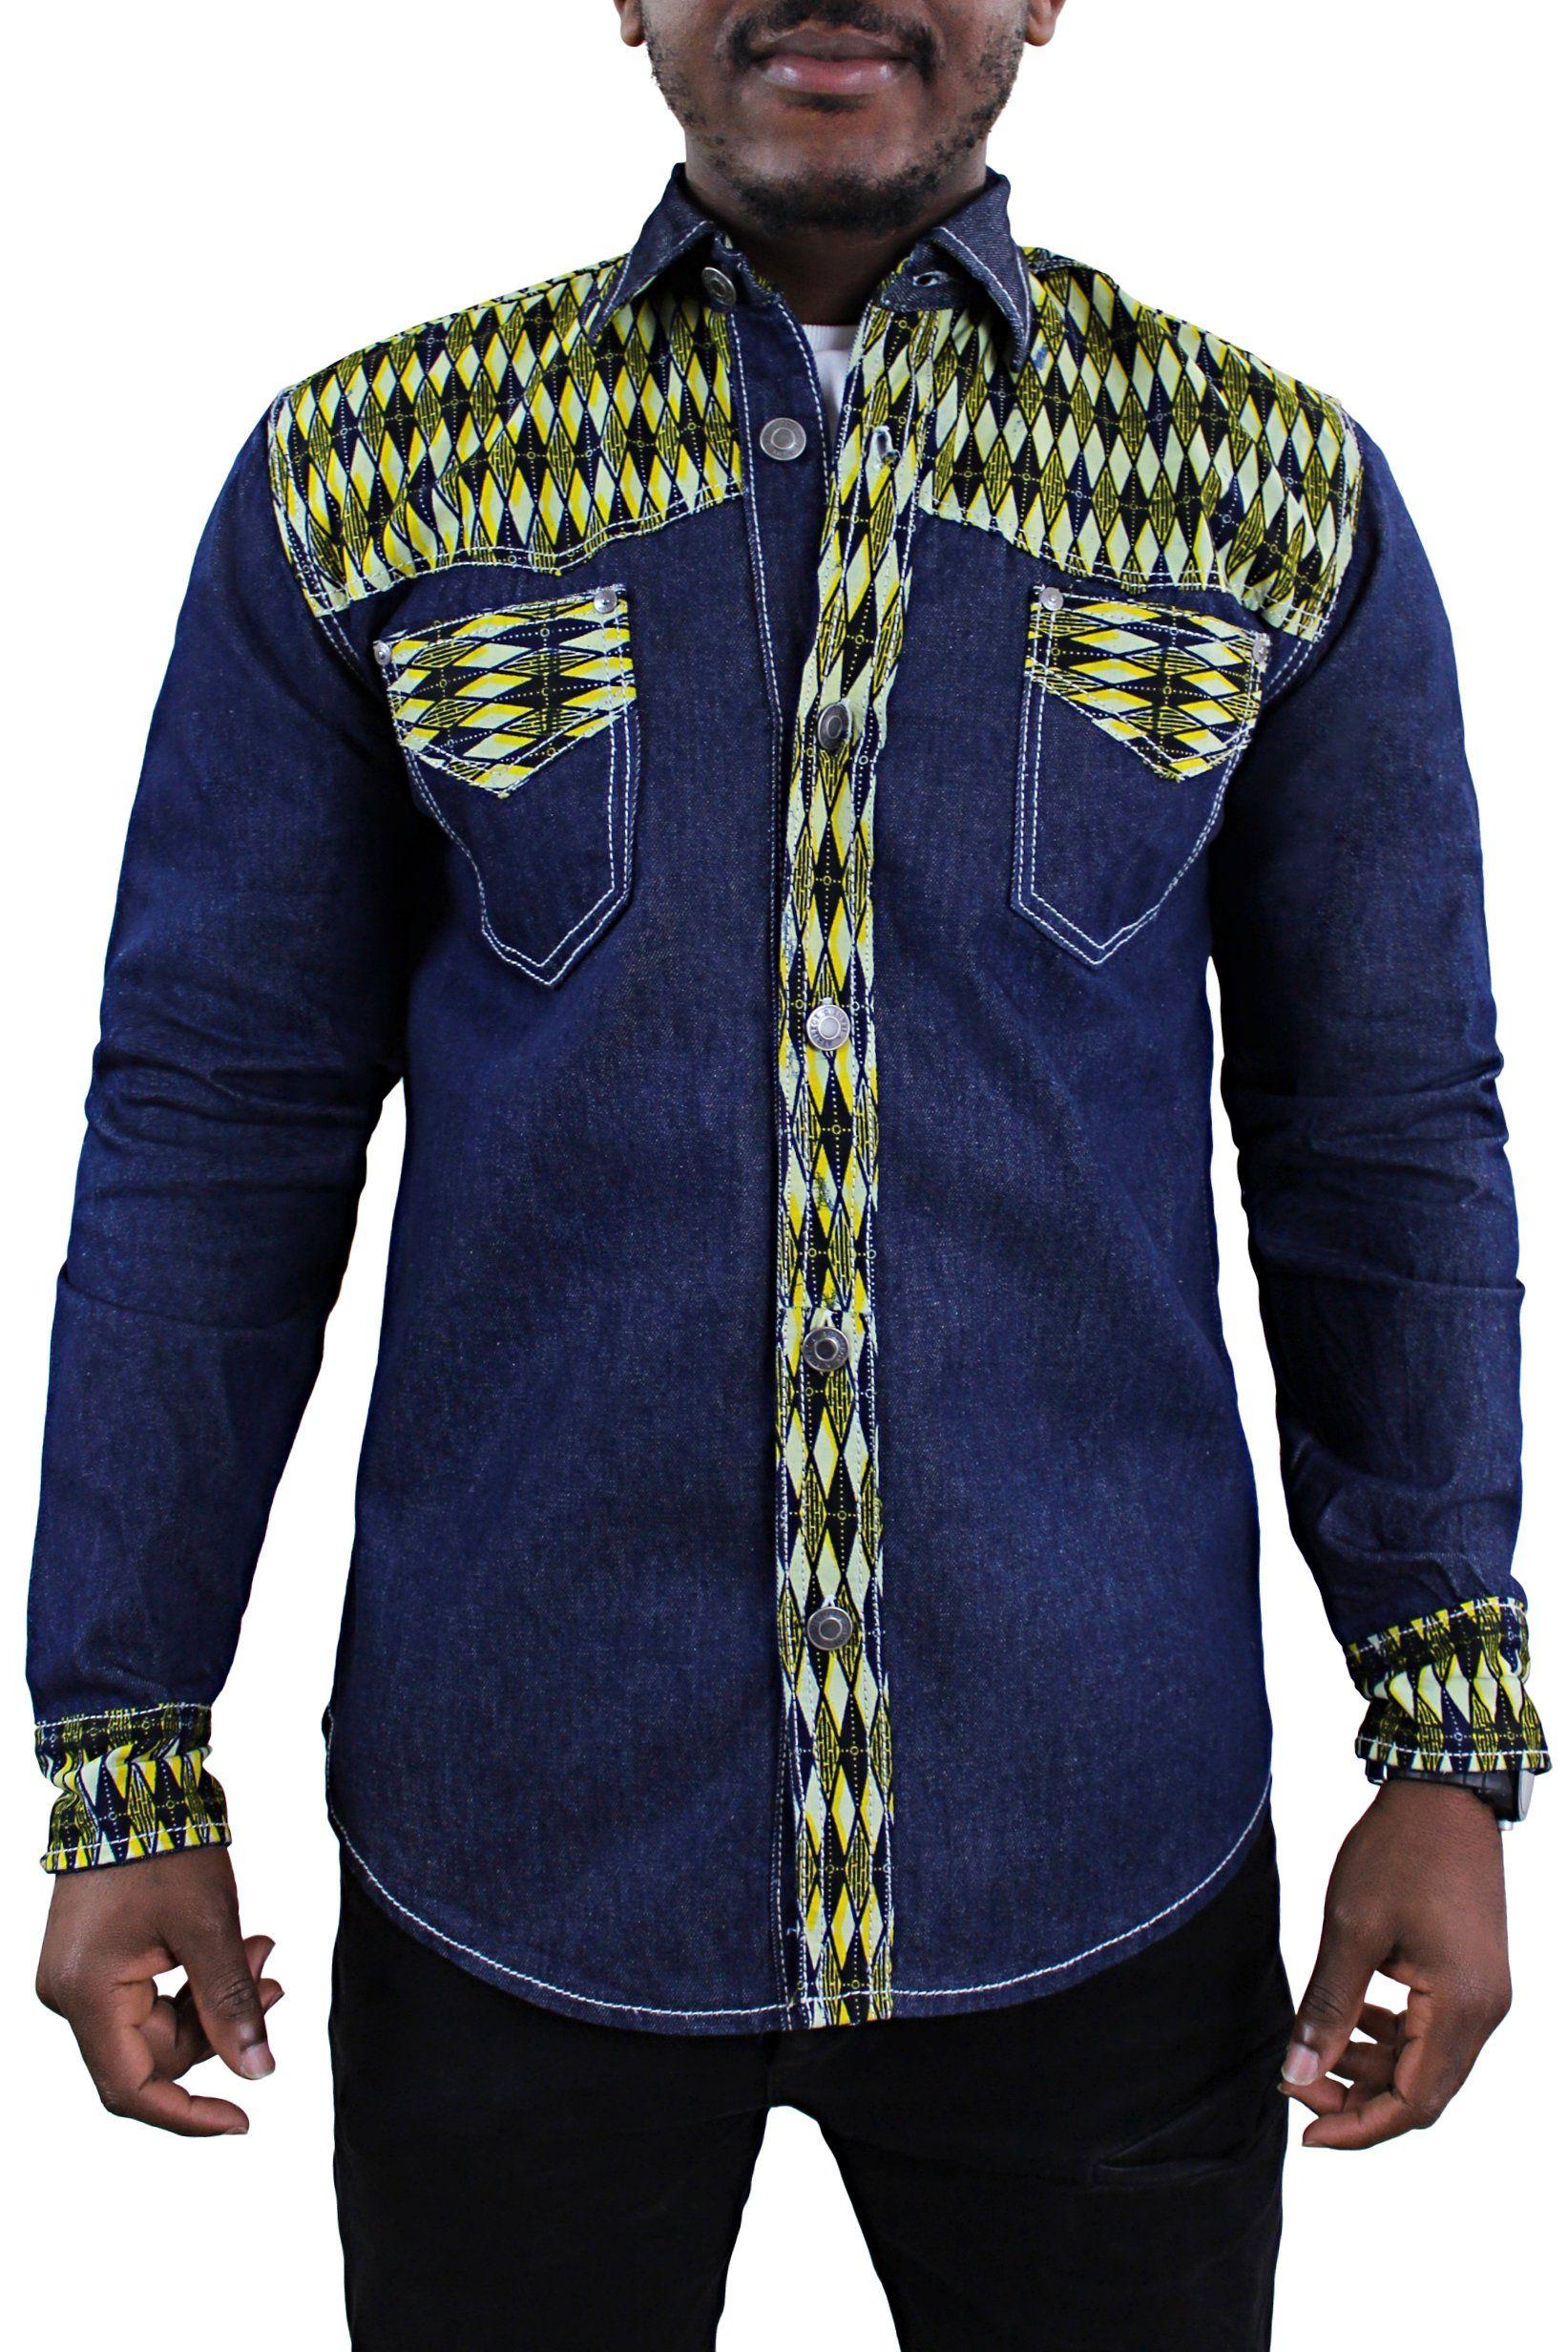 Desta African Print Denim Jeans Long Sleeve Mens Shirt Yellow